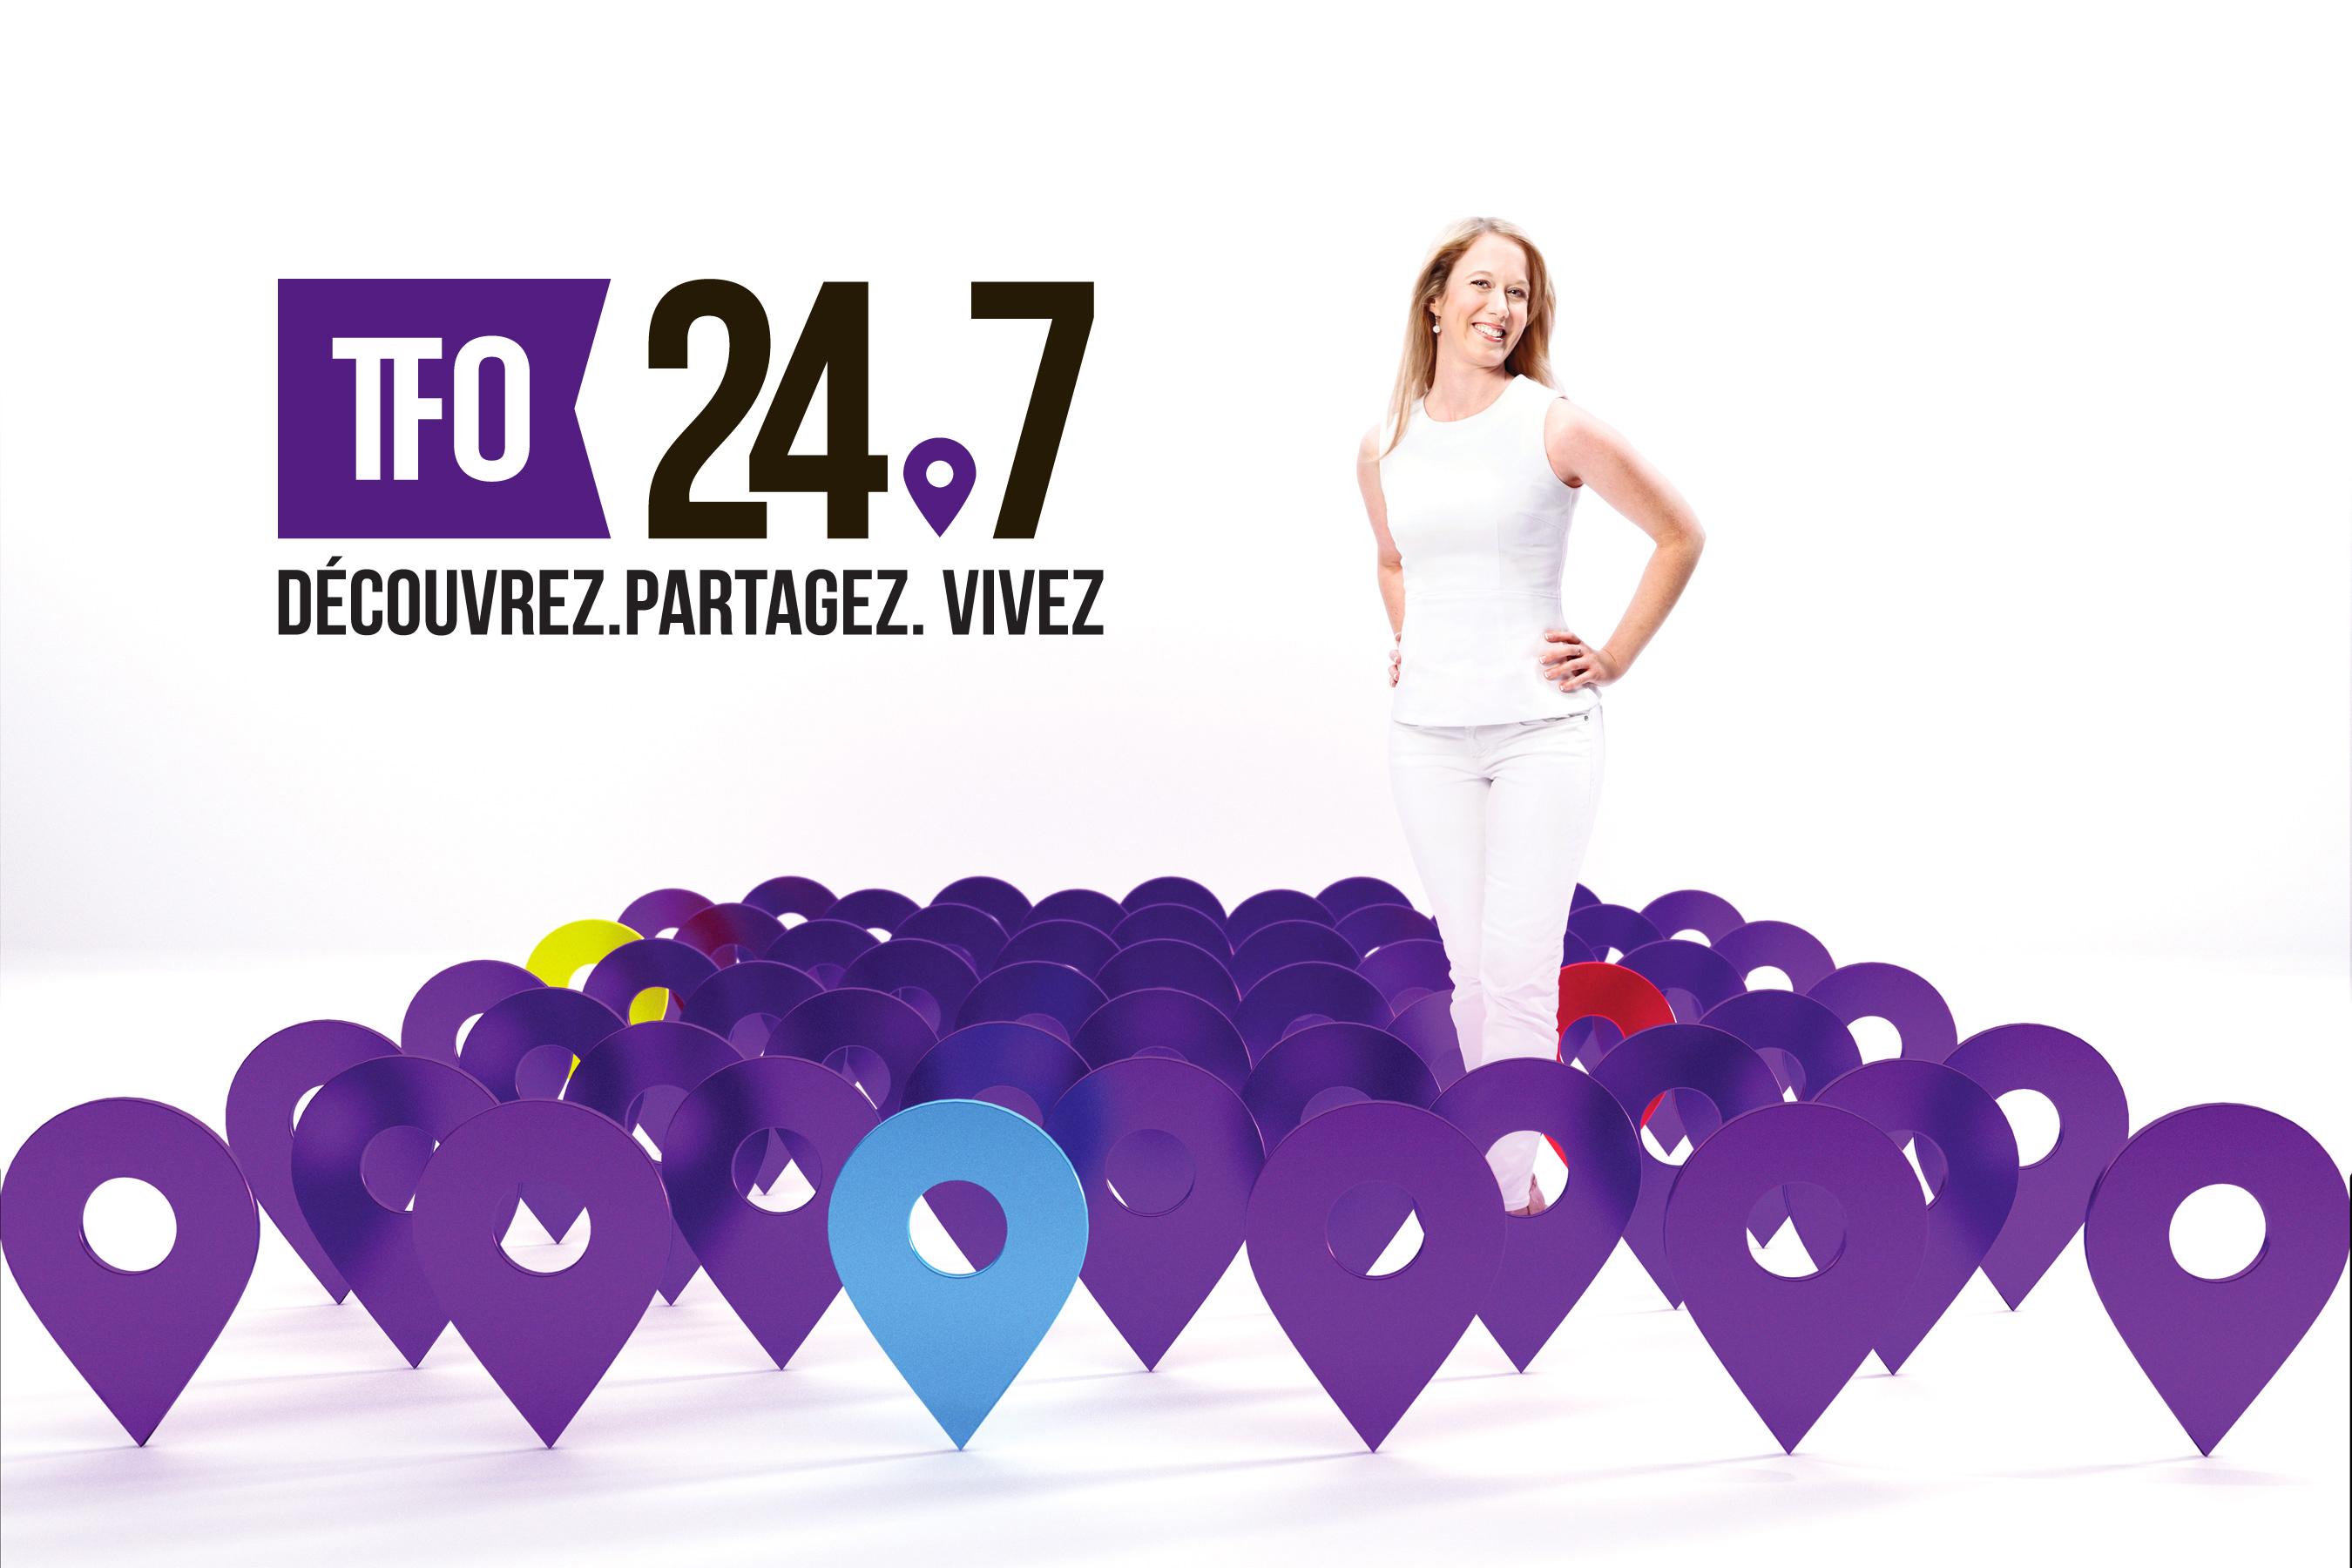 TFO 247 // season 2013/2014